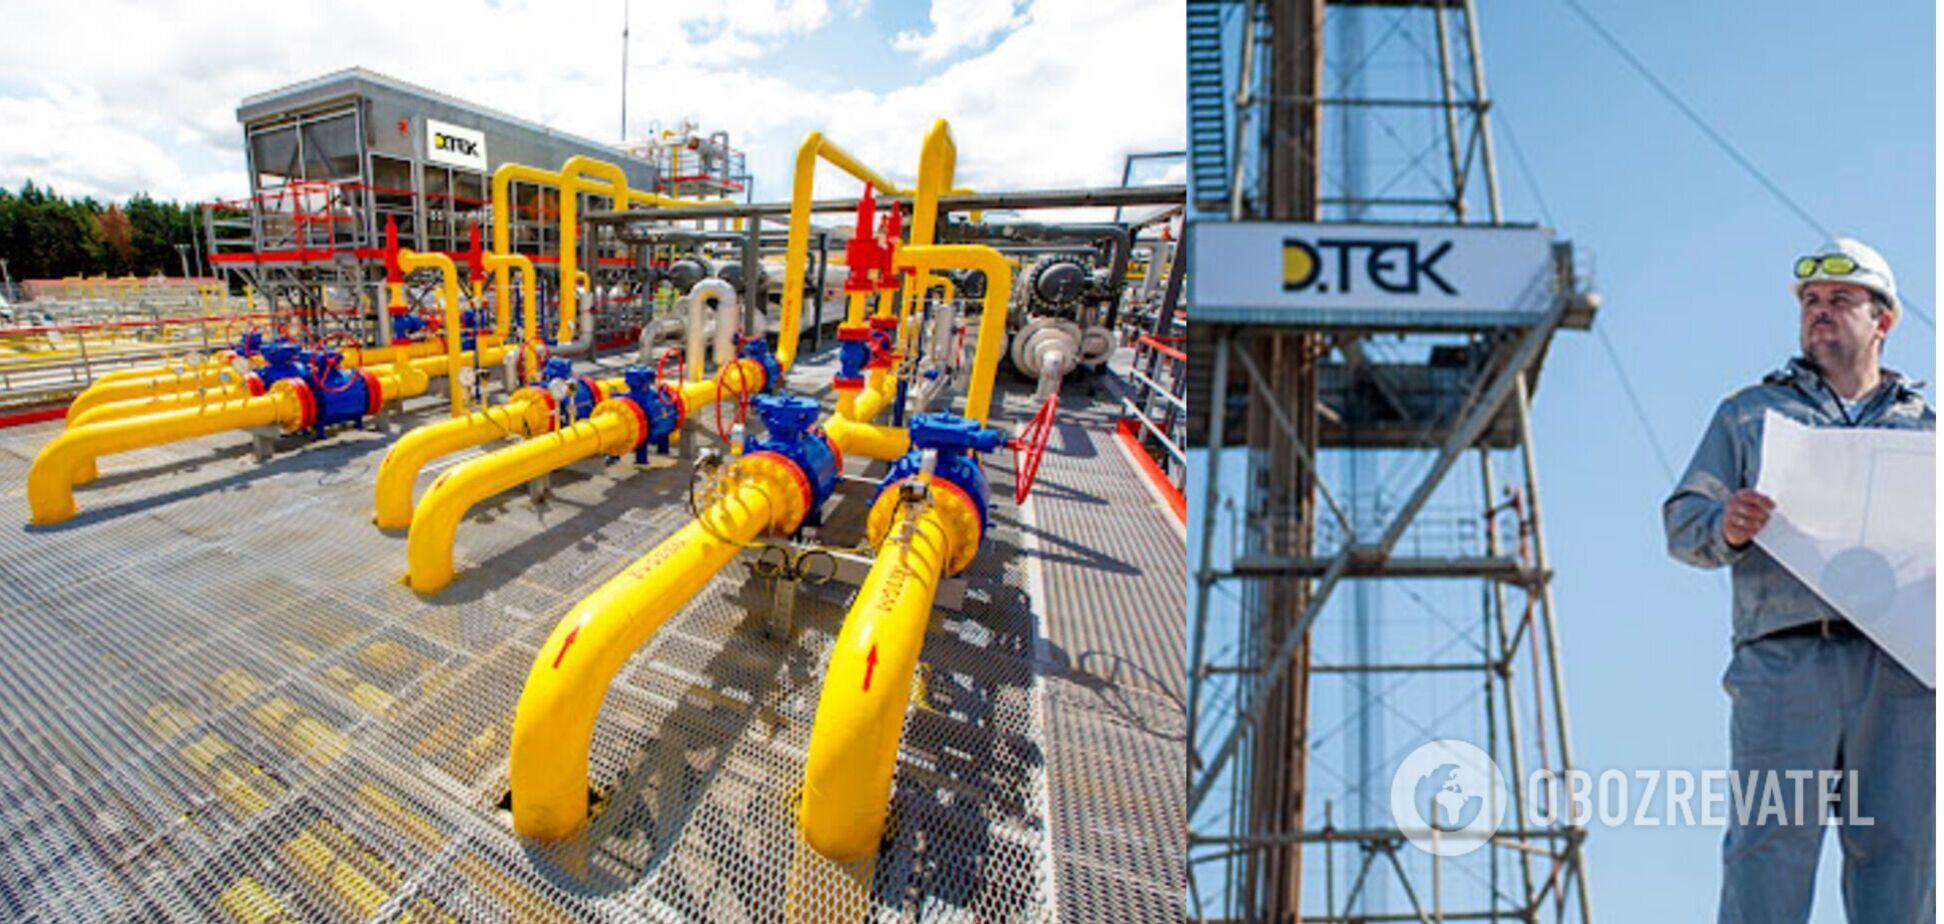 Компания 'ДТЭК Нефтегаз' в первом полугодии 2021 года увеличила добычу природного газа